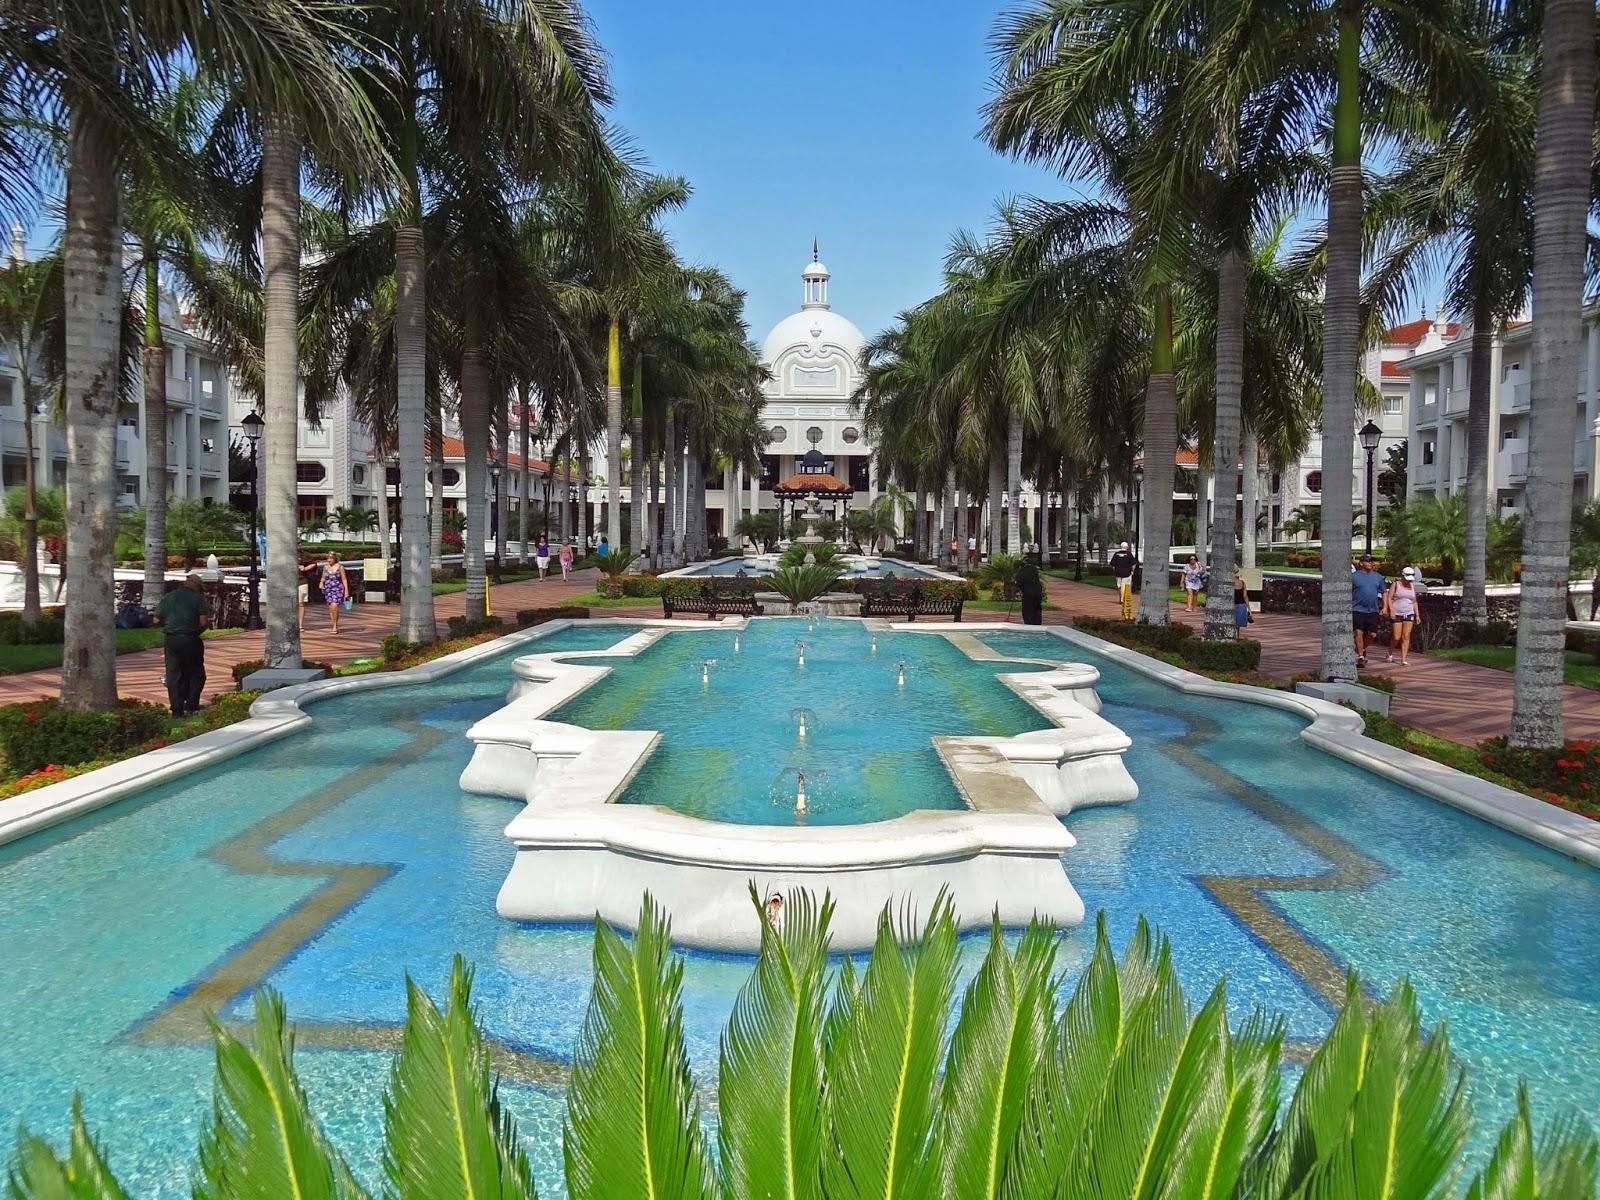 Hotel Riu Palace Madeira Cani Ef Bf Bdo De Baixo Portugal